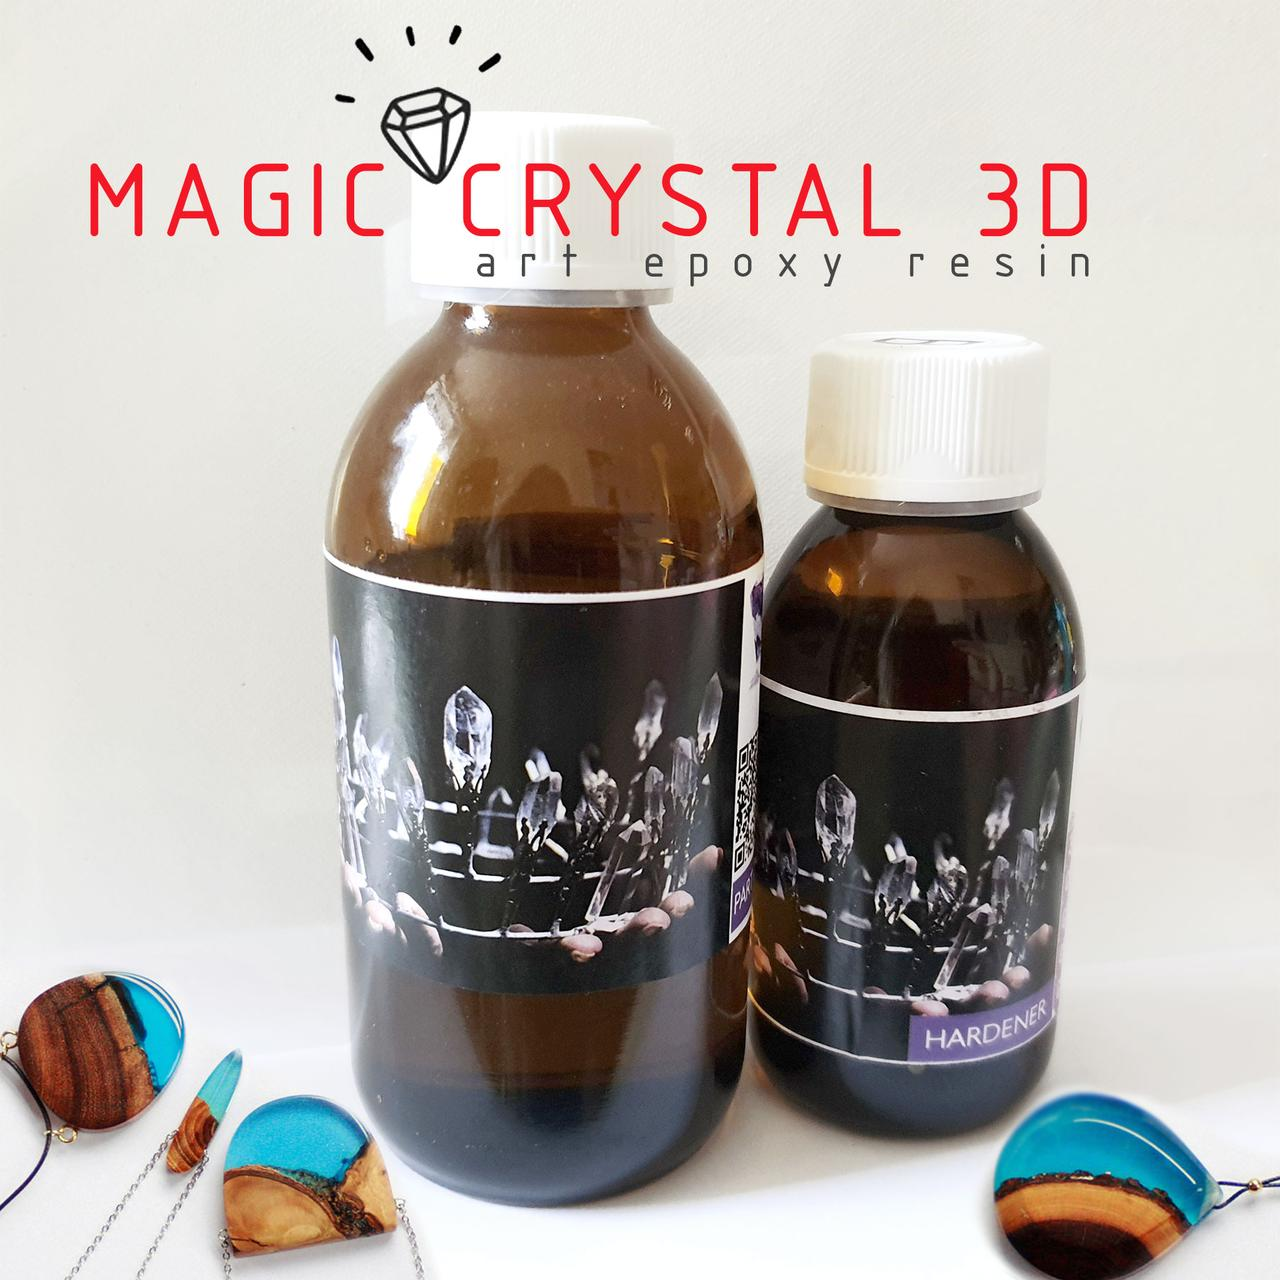 Прозрачная эпоксидная смола Magic Crystal 3D Меджик Кристал для украшений и декора (пробник уп. 305 г)